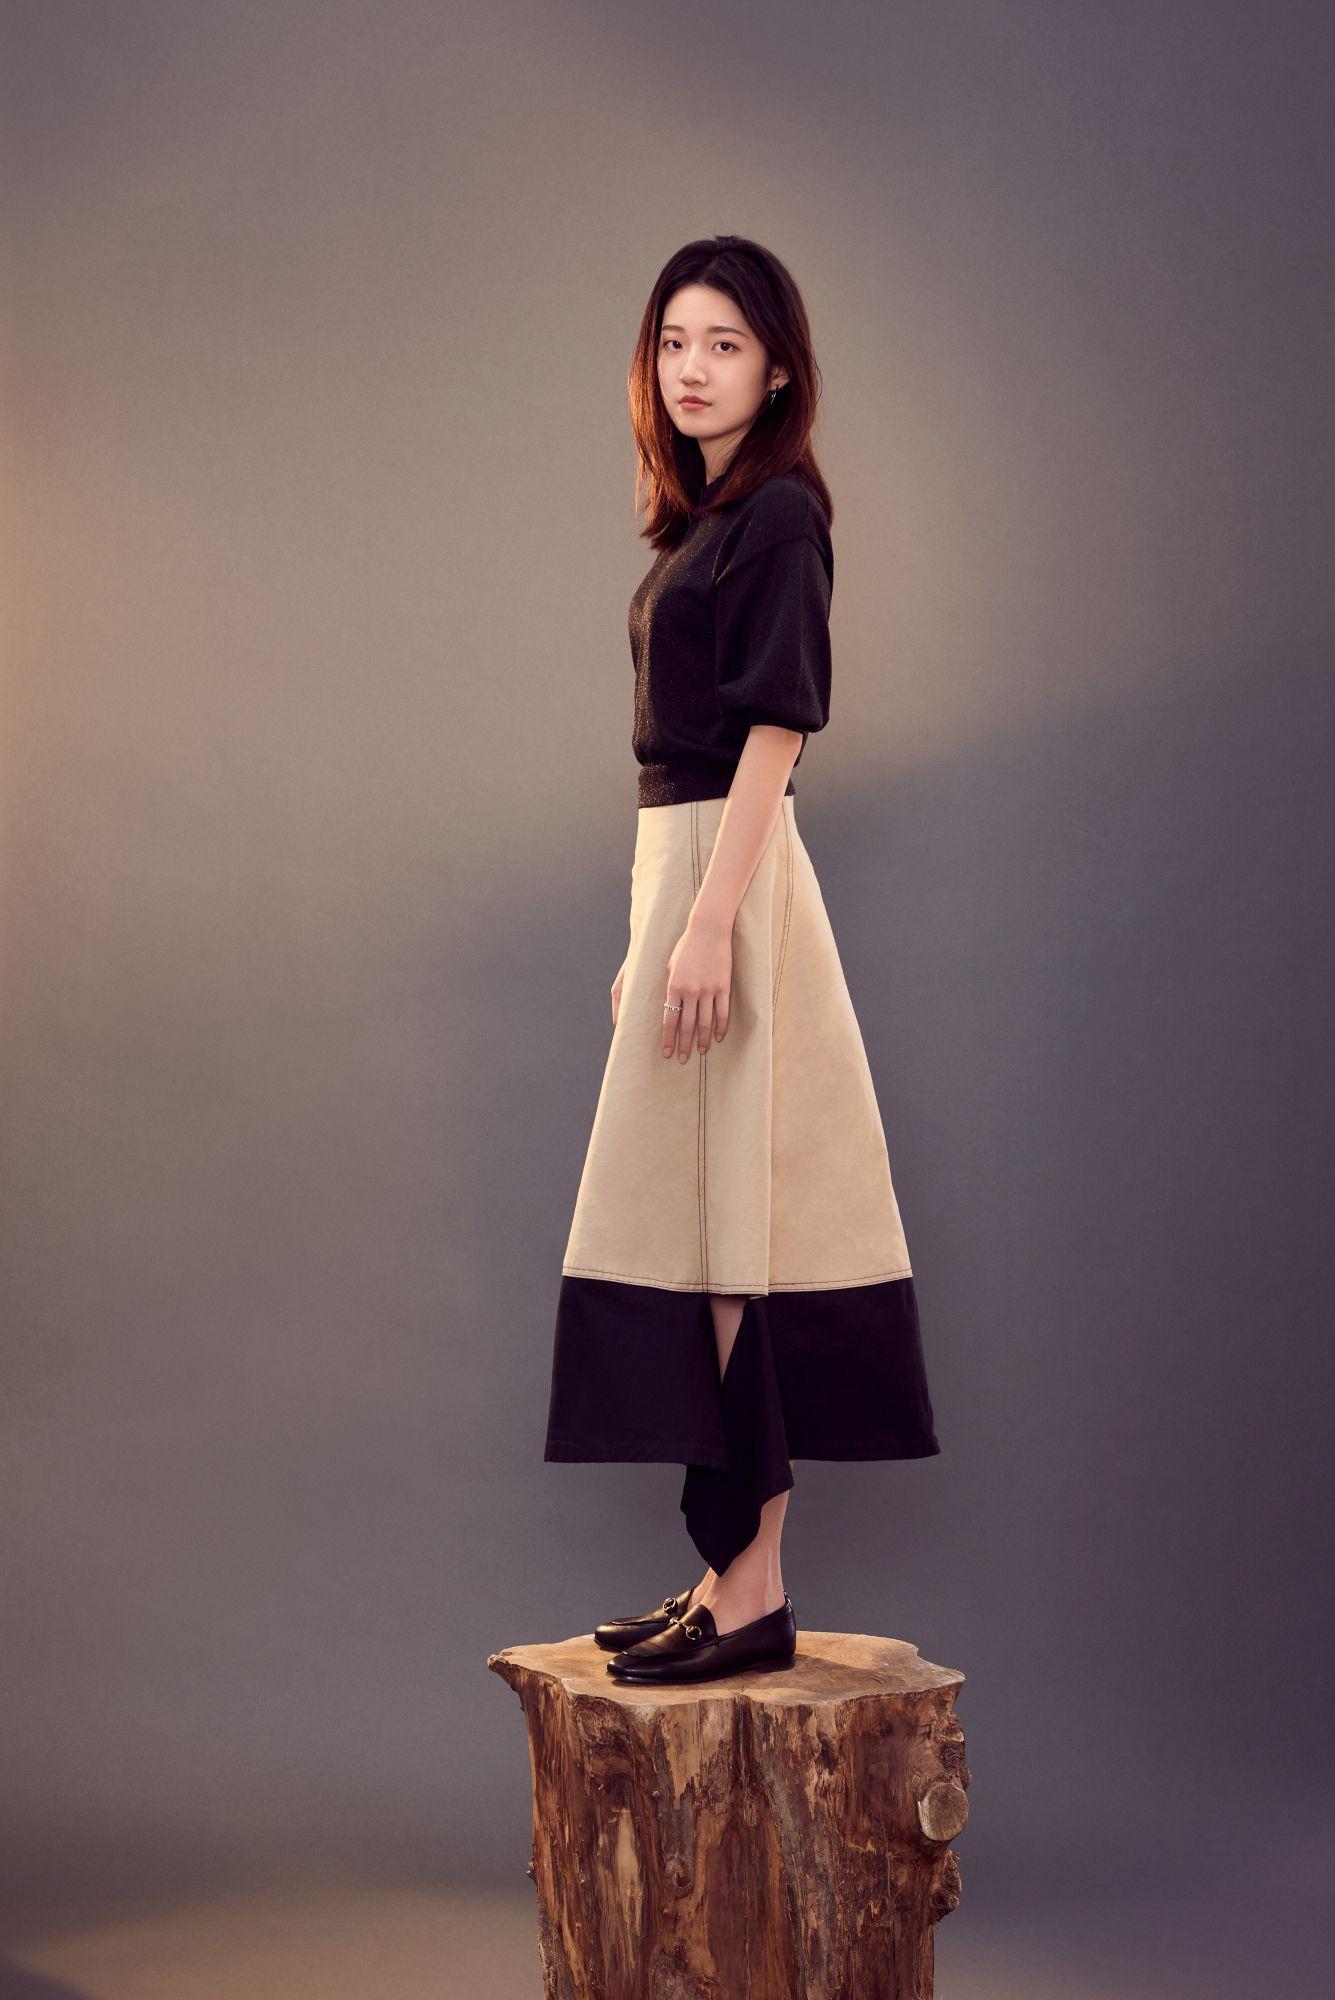 Wang Yimei